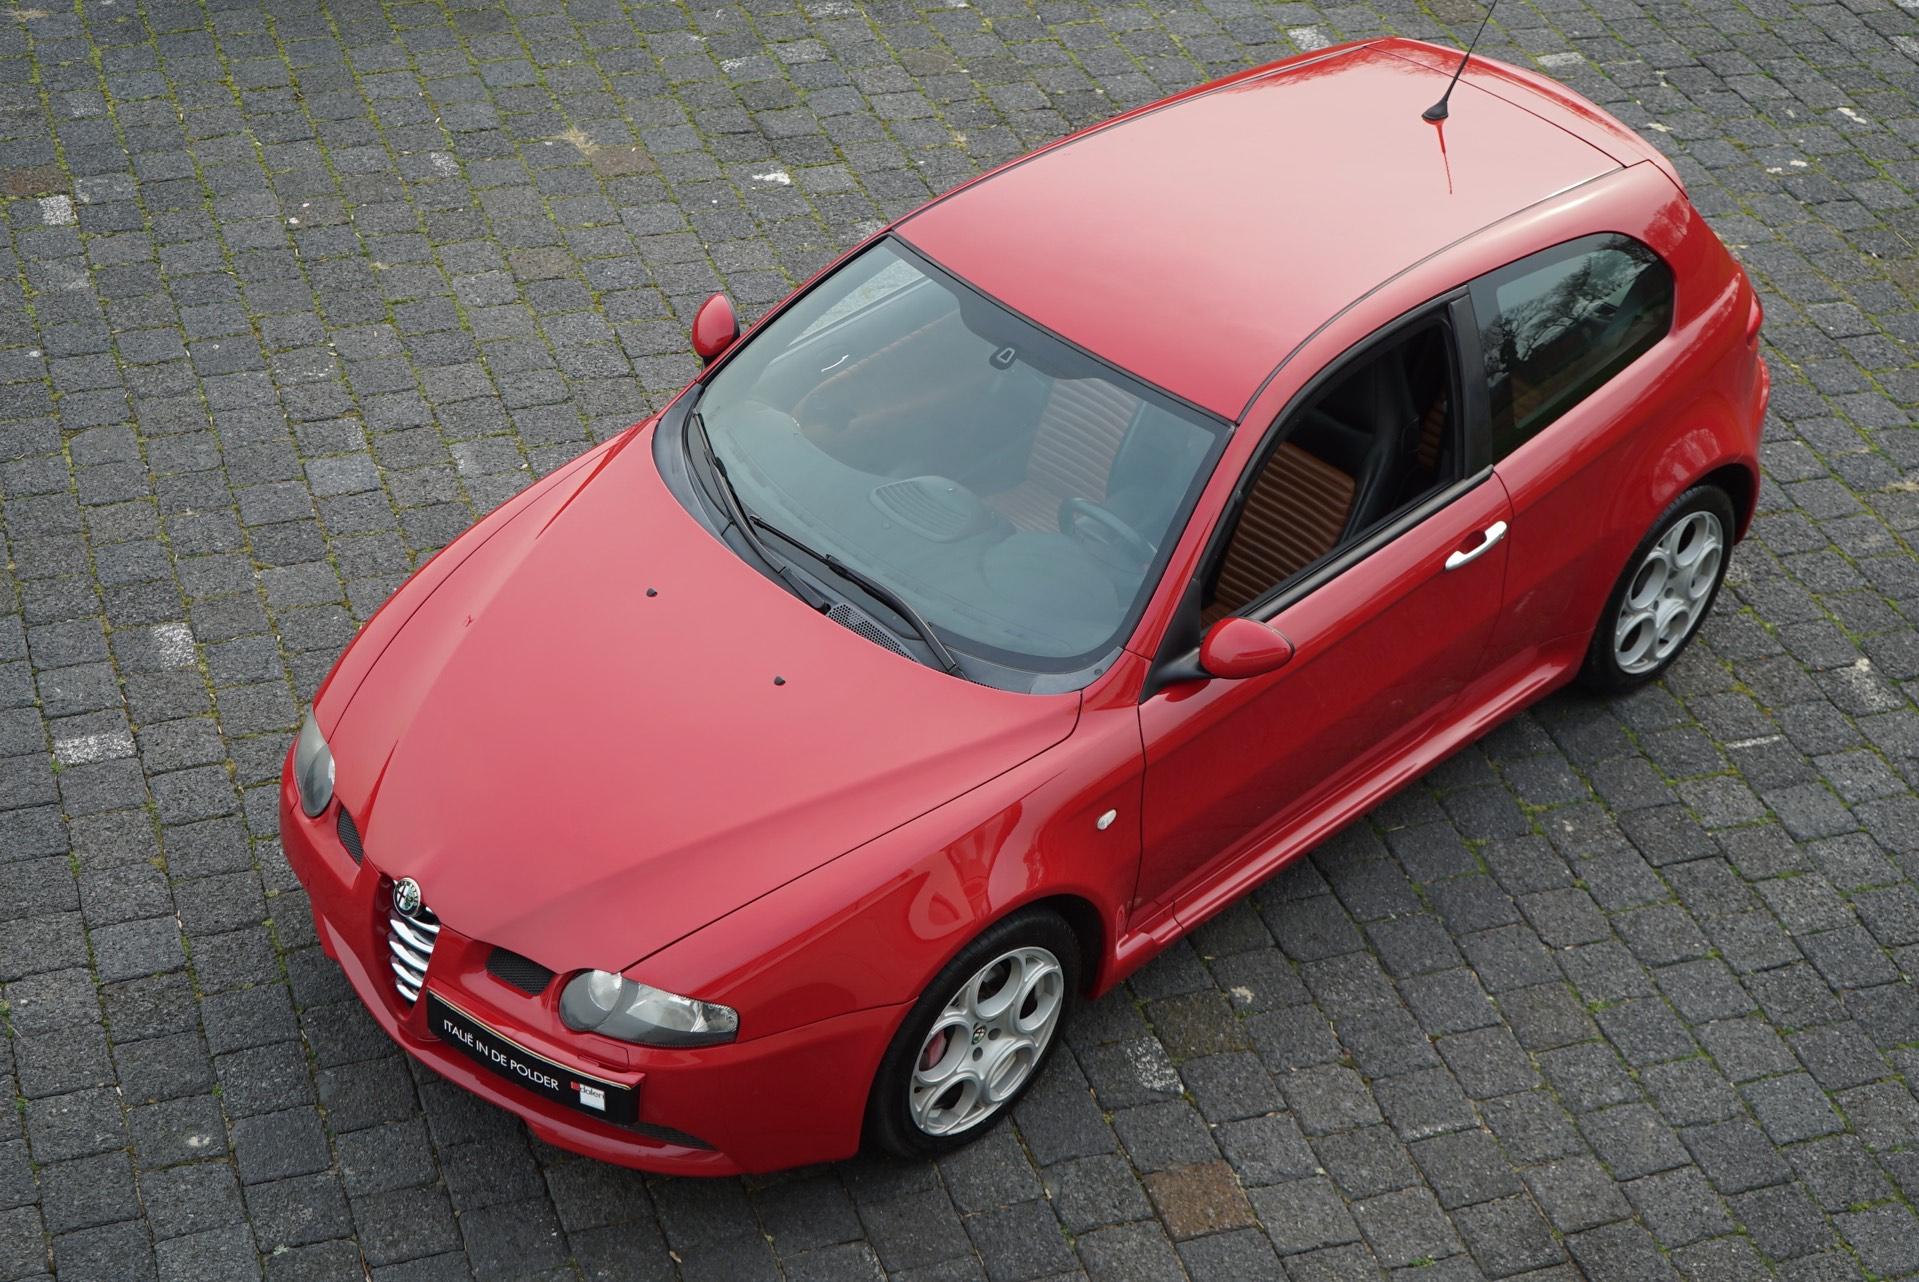 ALFA 147 GTA 3.2 V6 24V ROSSO